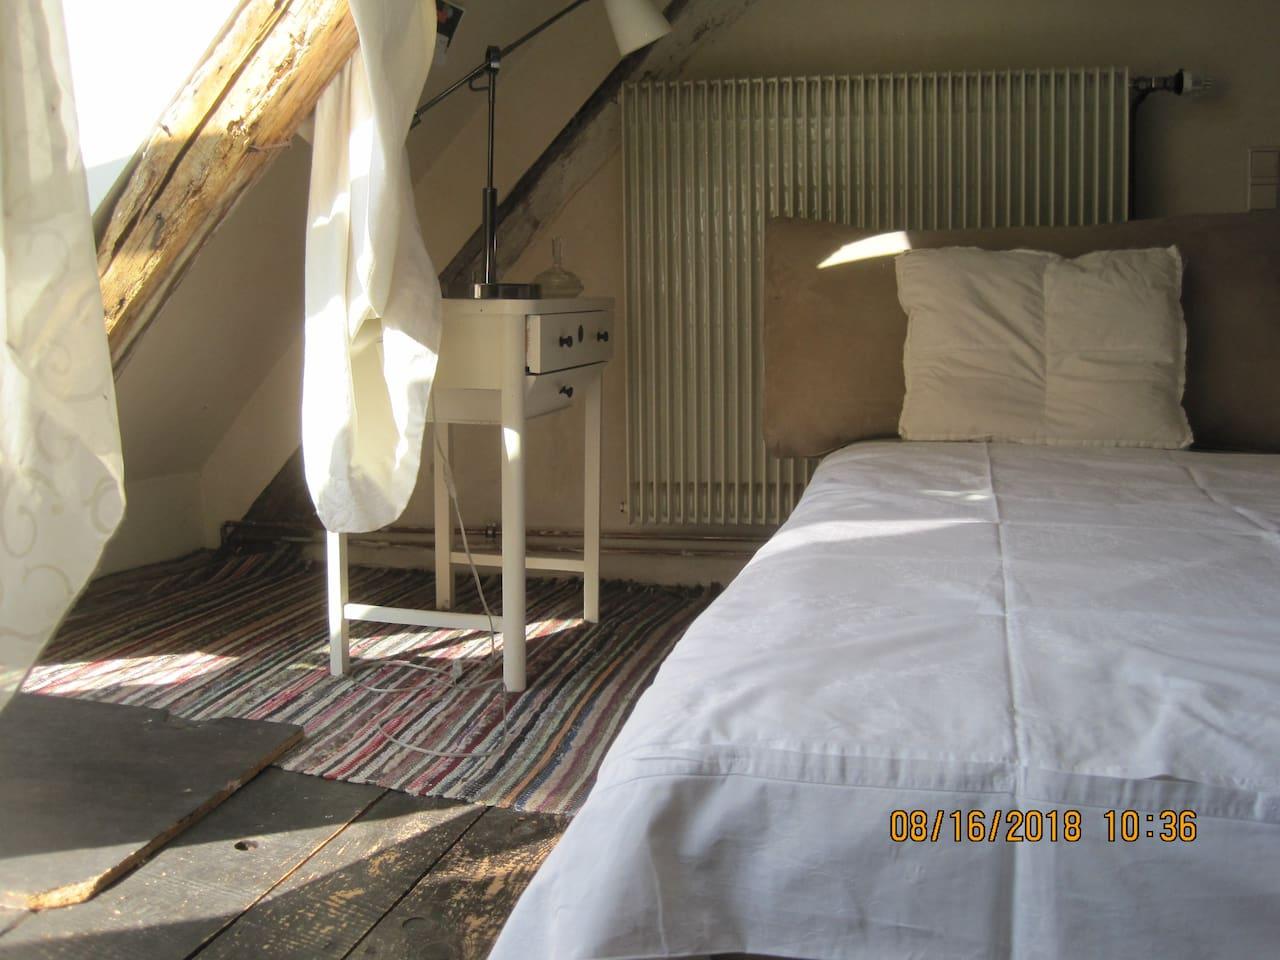 gemütliche Schlafcouch in alternativem WG-Häuschen (Mitnutzung Bad/Küche)